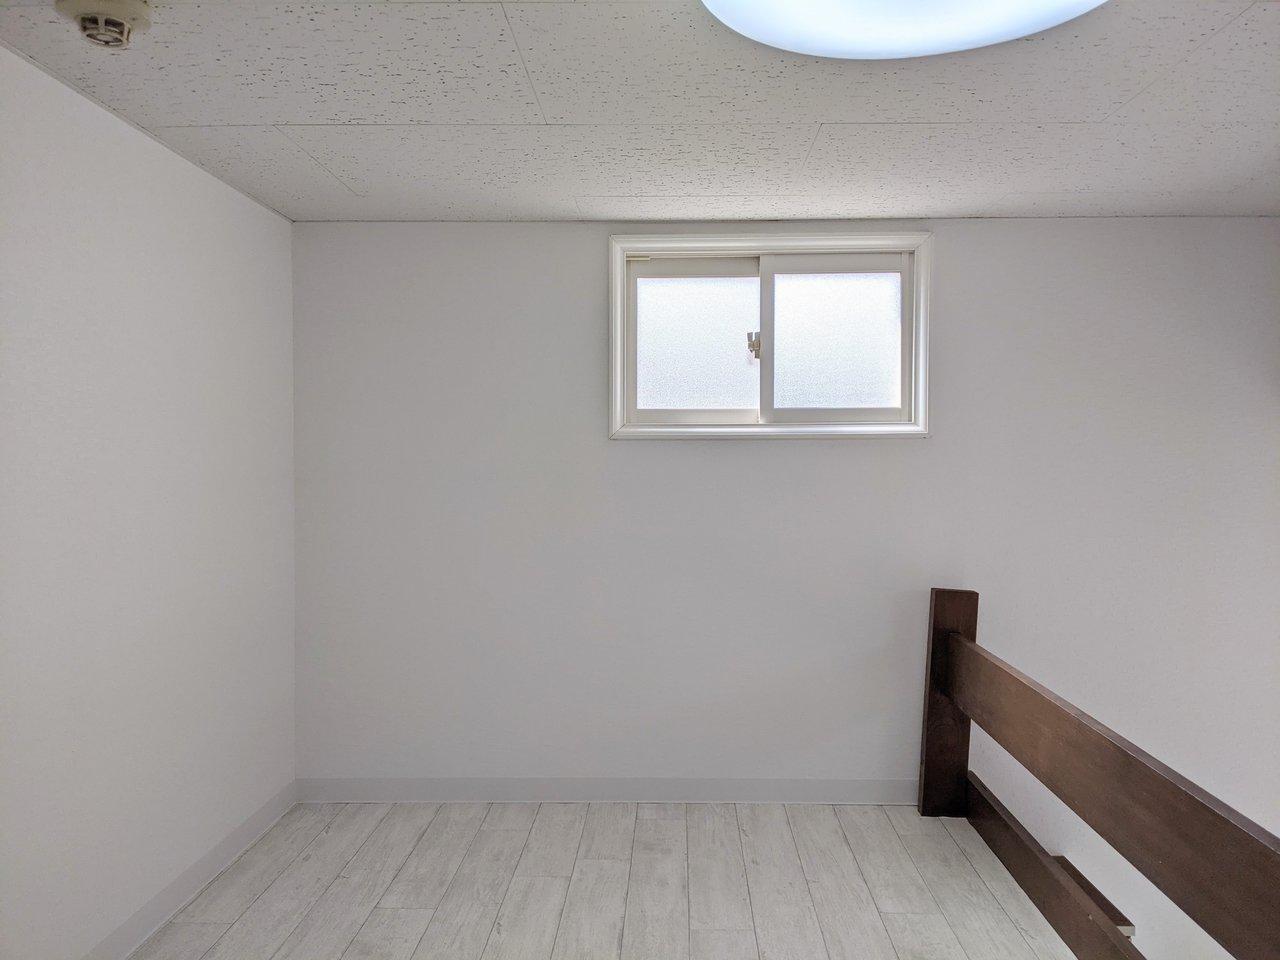 ロフトの広さは約2畳。小窓があるので明るさも感じられます。